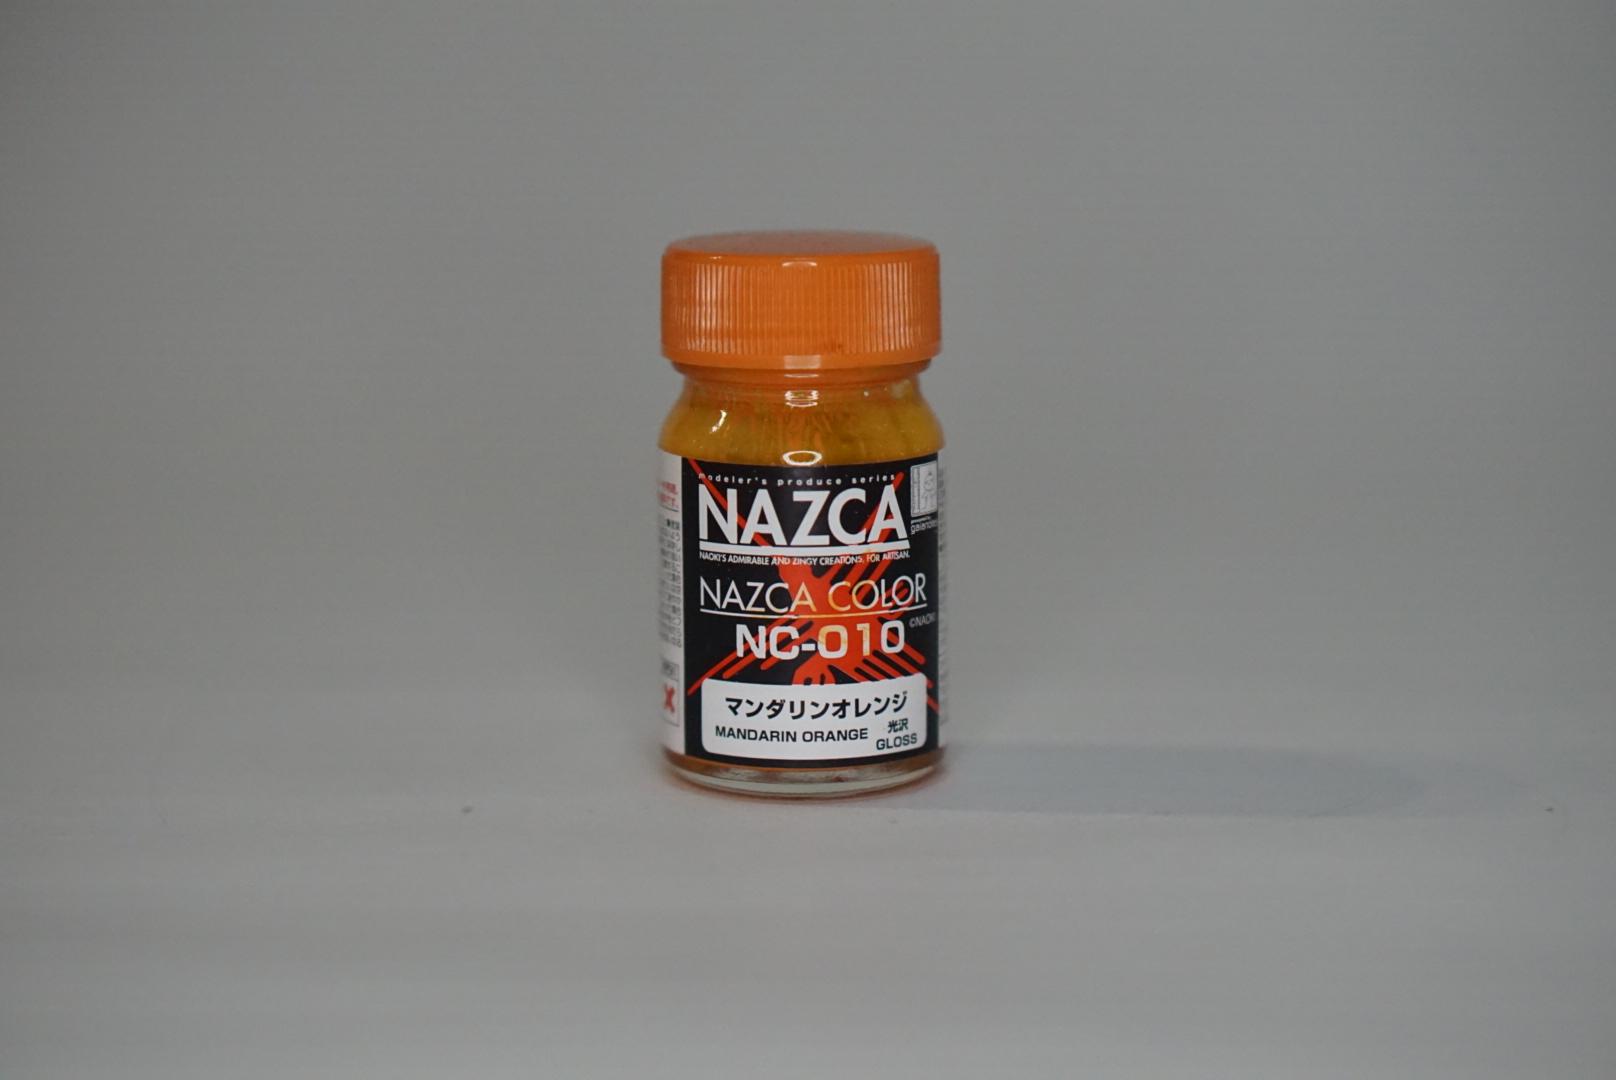 ガイアノーツの「NAZCAシリーズ マンダリンオレンジ」 350円(税別)